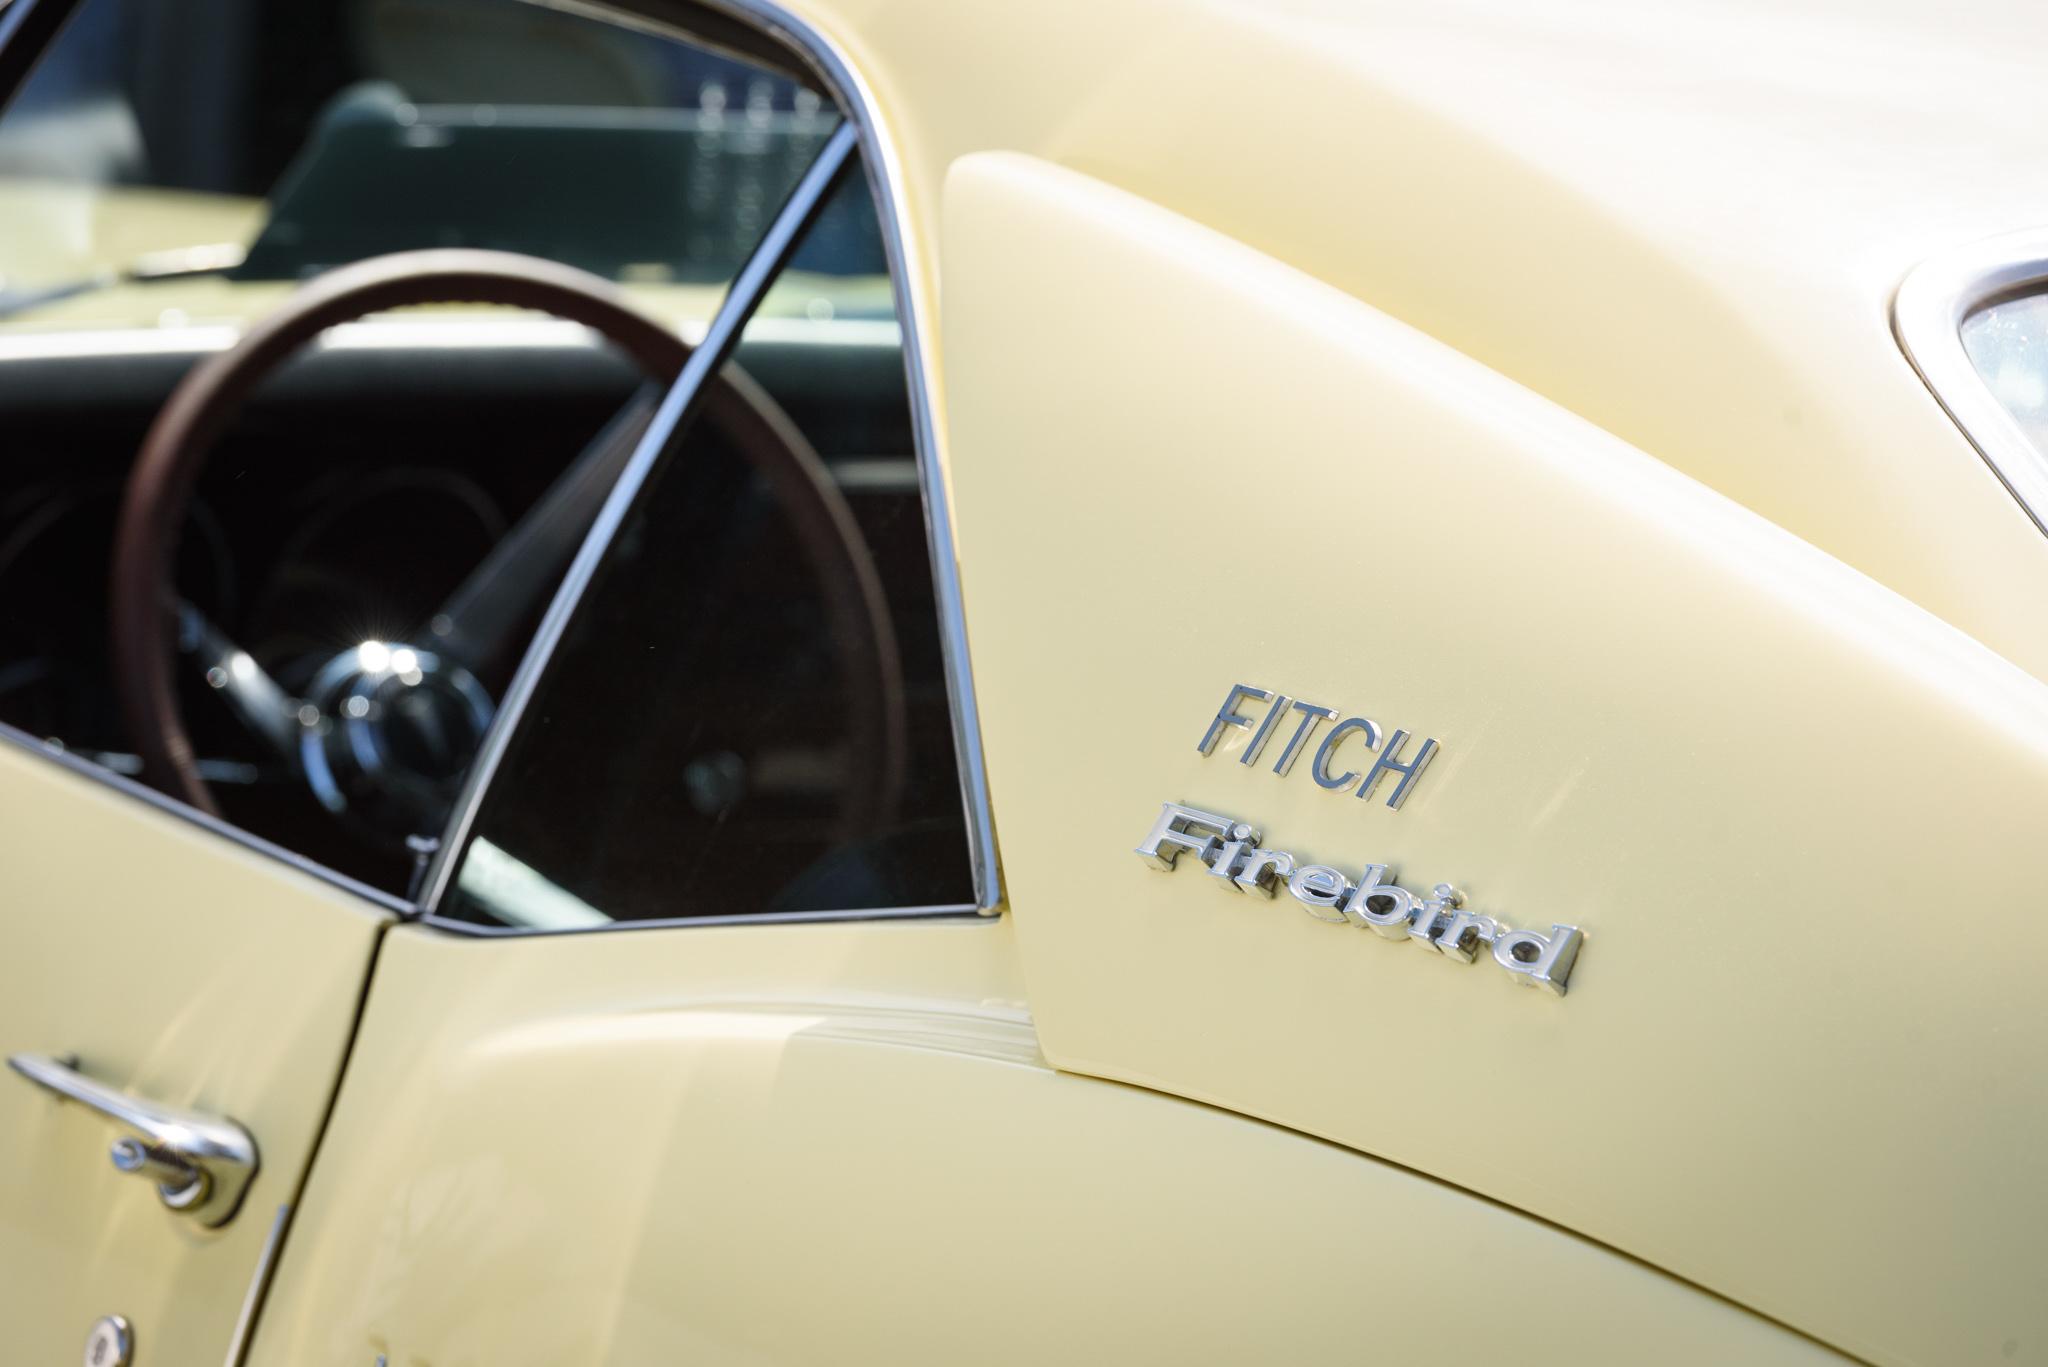 1967 Pontiac Fitch Firebird Sail pannel